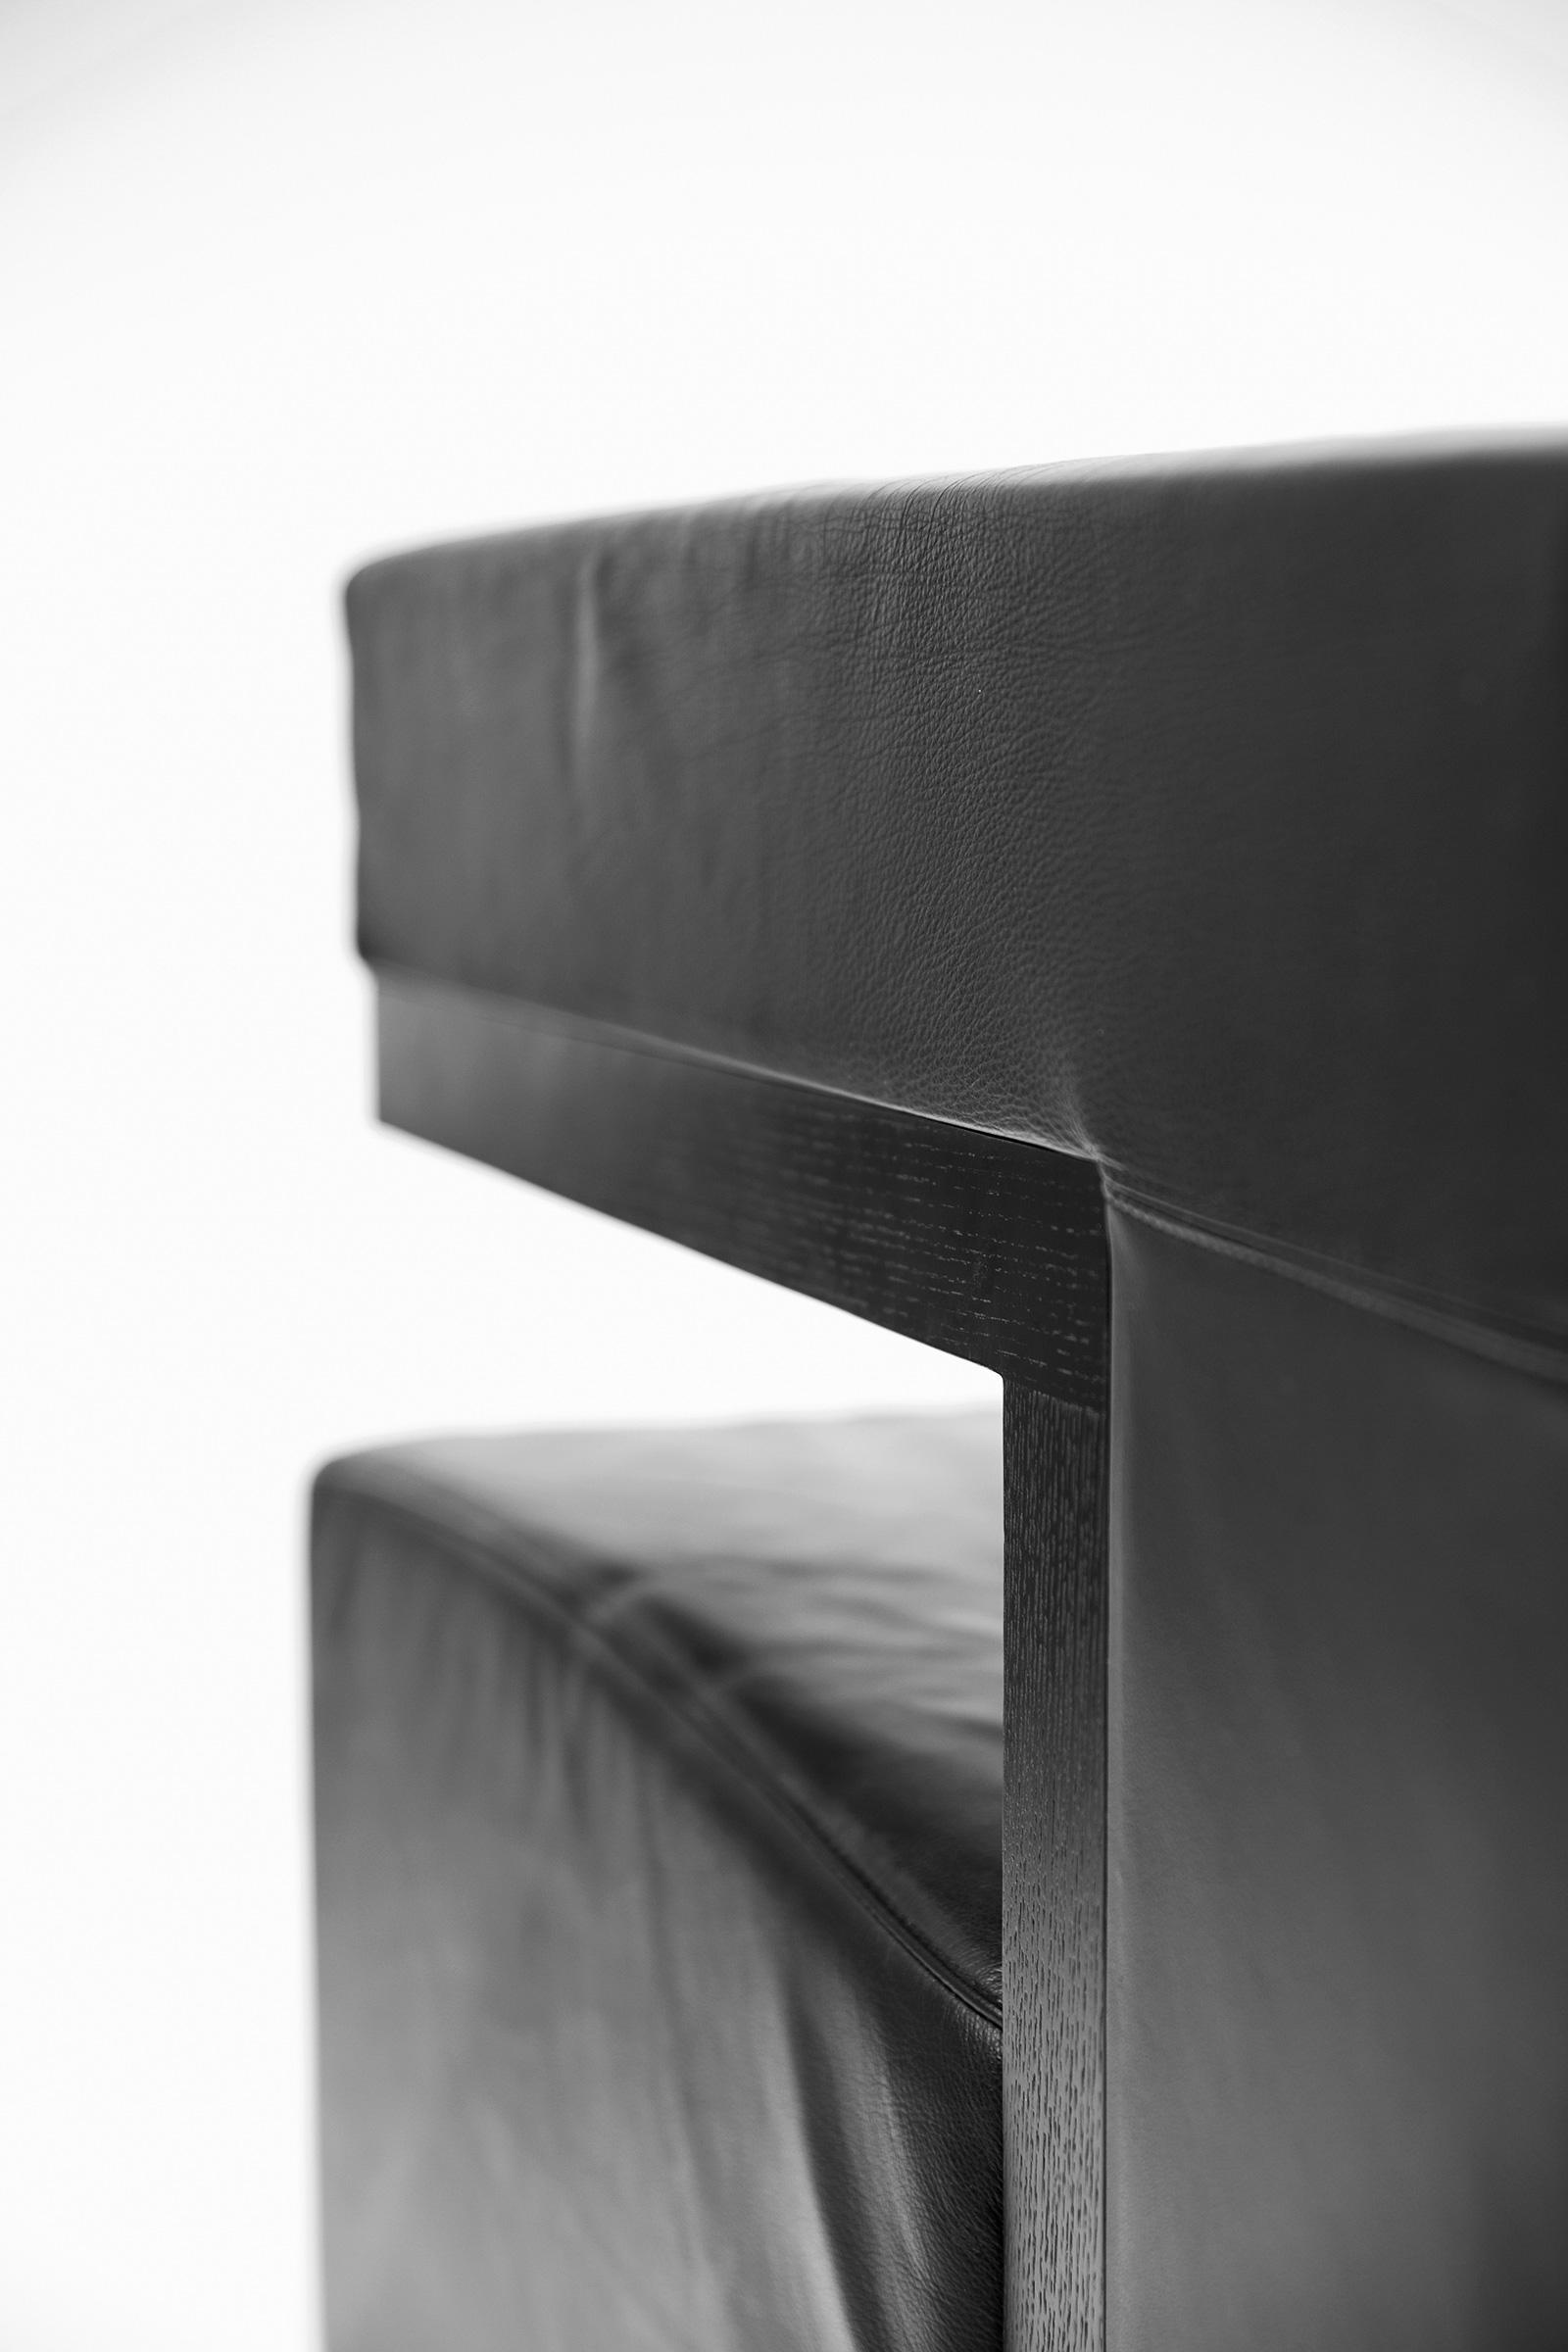 F51 Armchairs Walter Gropius Bauhaus Weimarimage 8